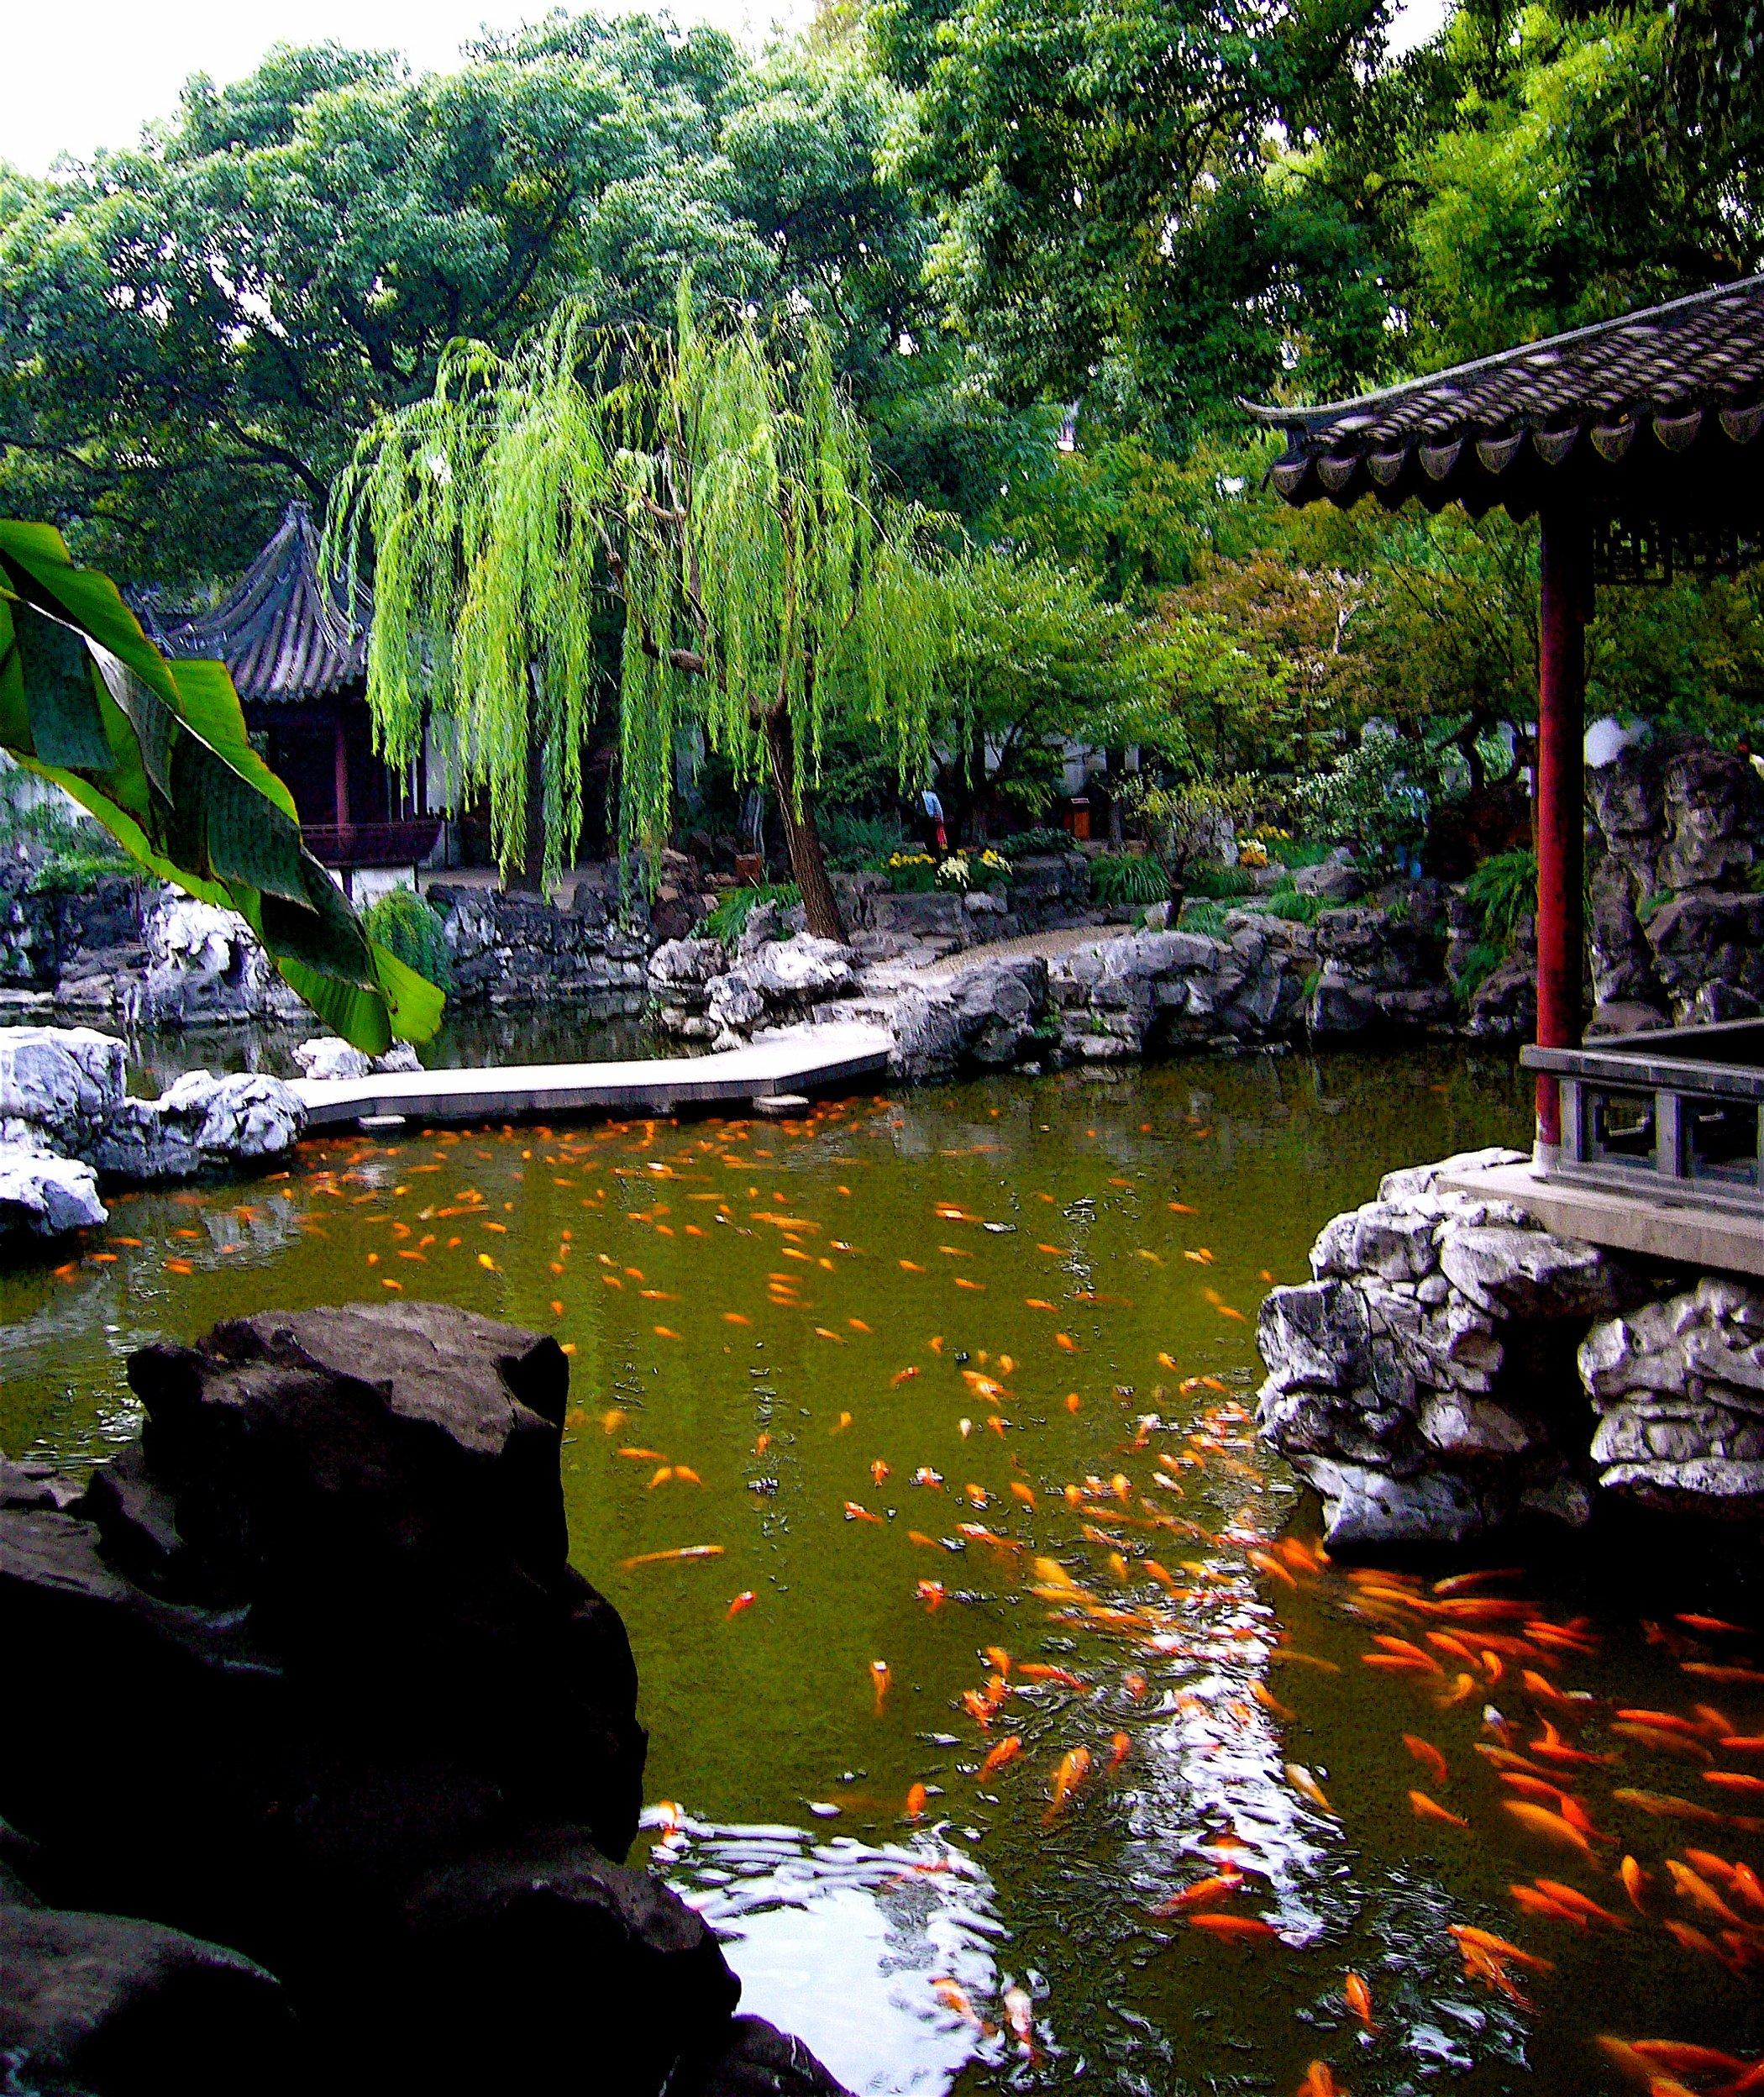 Yuyuan_GardenCREDITBrandonFick